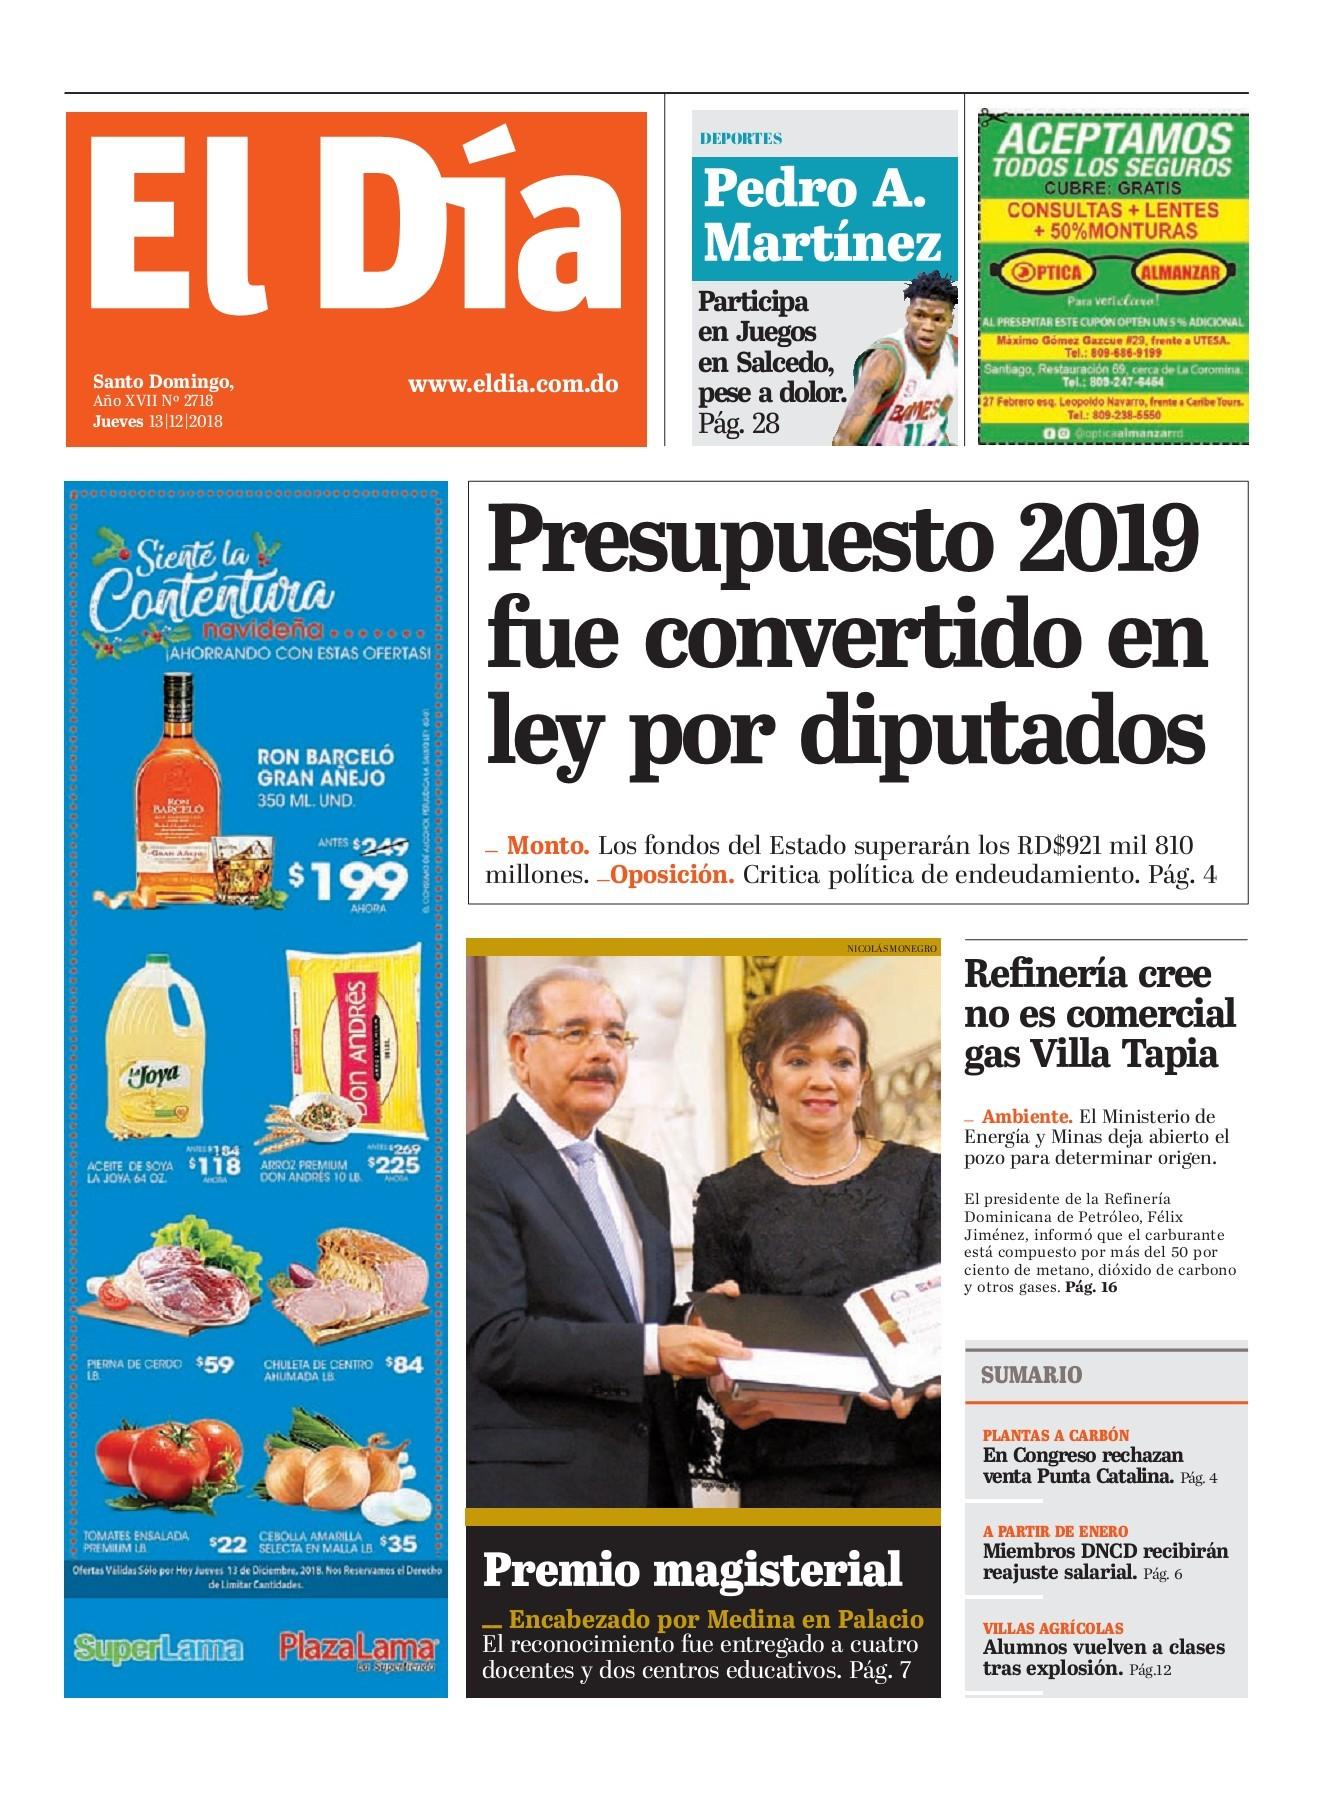 Portada Periódico El Día, Jueves 13 de Diciembre 2018